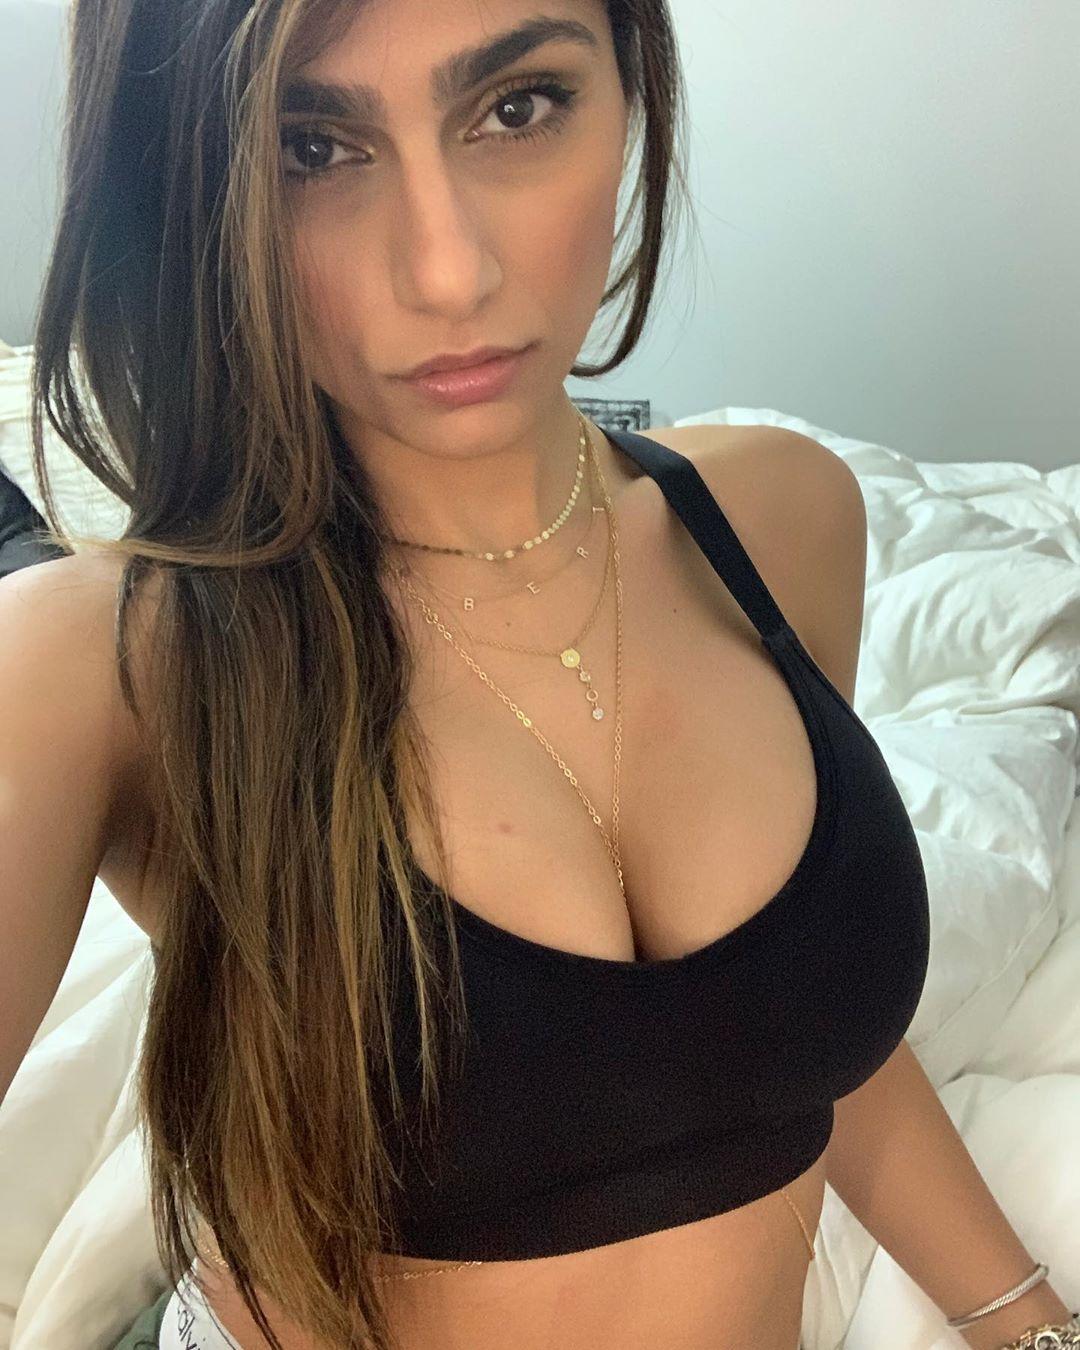 Mia Khalifa Latest Sexy Stills in Sports Bra